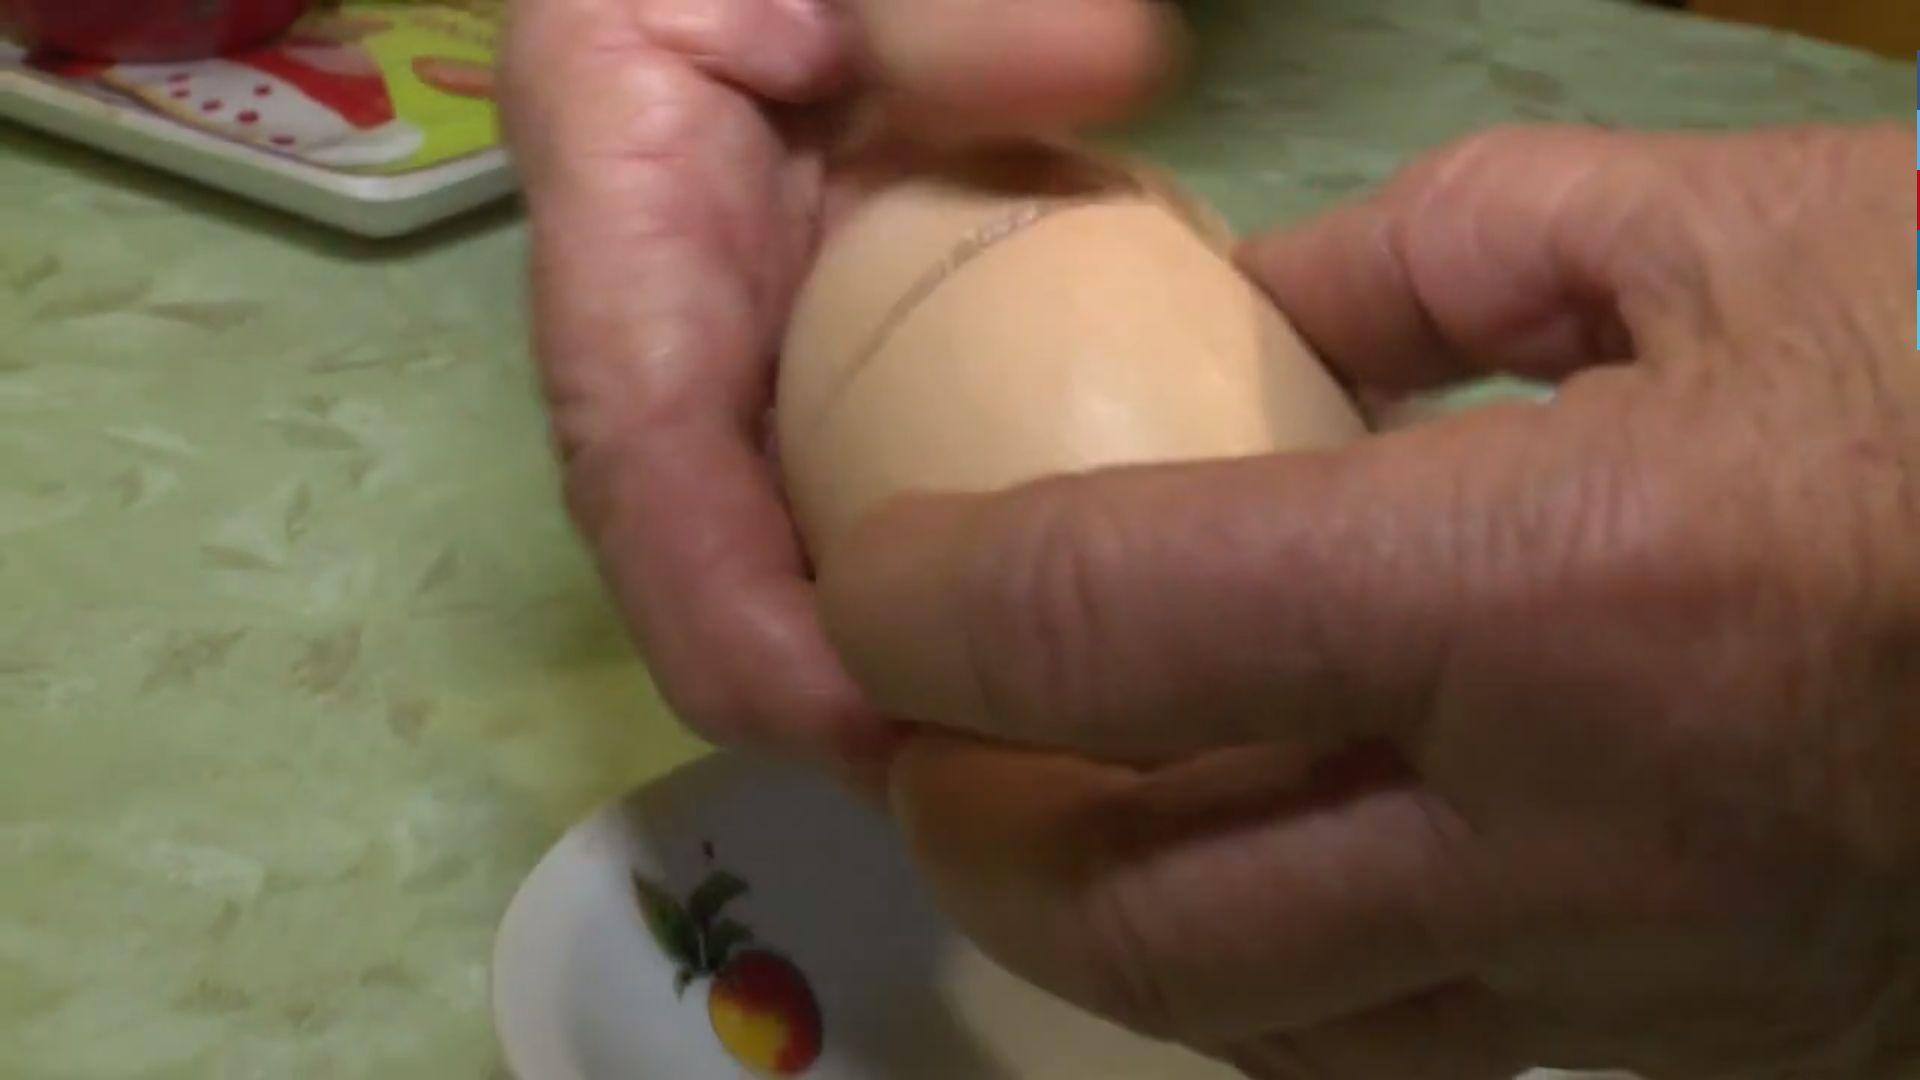 Egy taszári tyúk olyan tojásokat tojik, amikben van még egy tojás